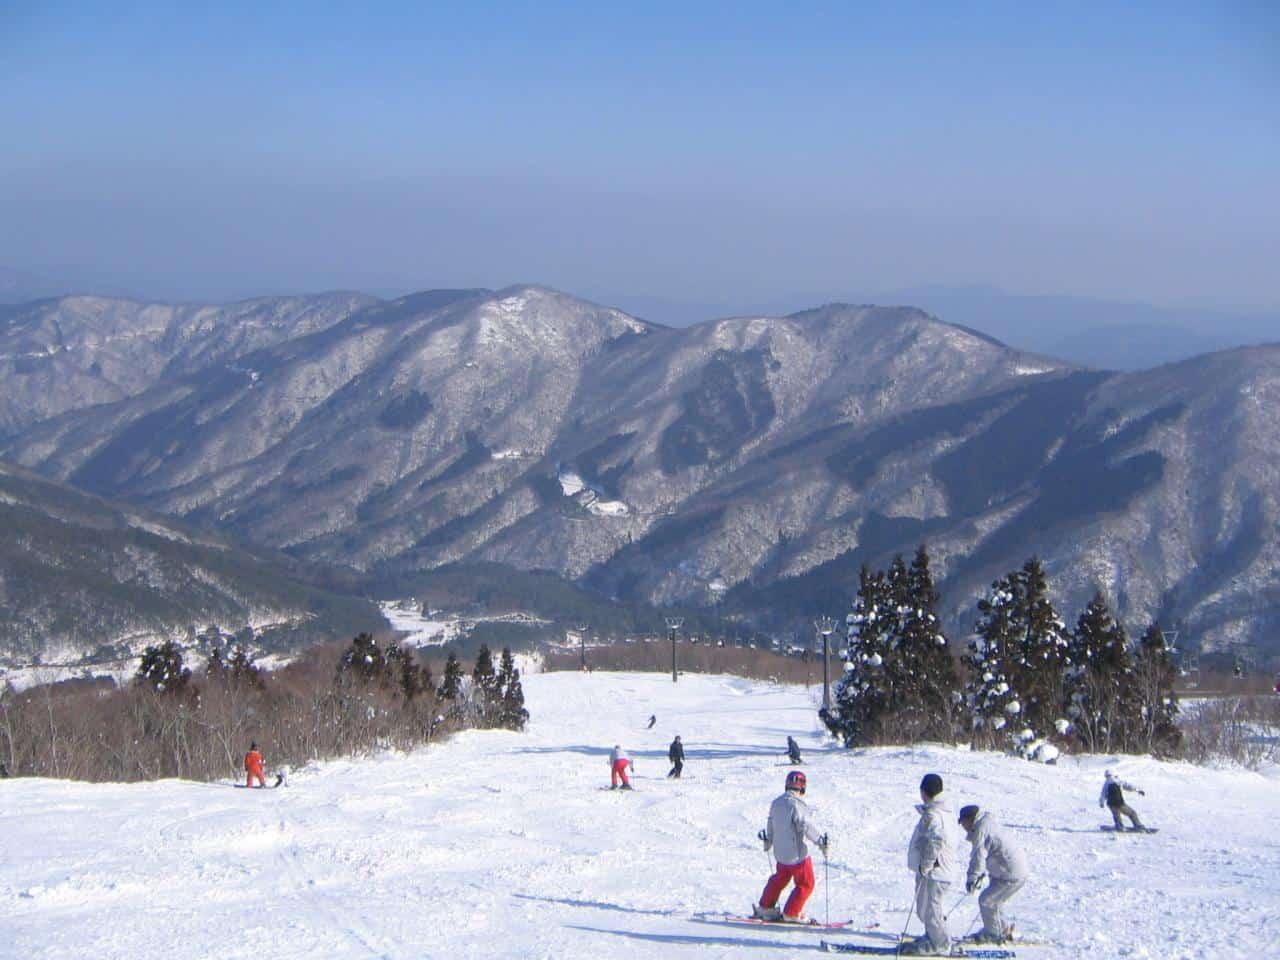 Osorakan Snow Park in Hiroshima Prefecture